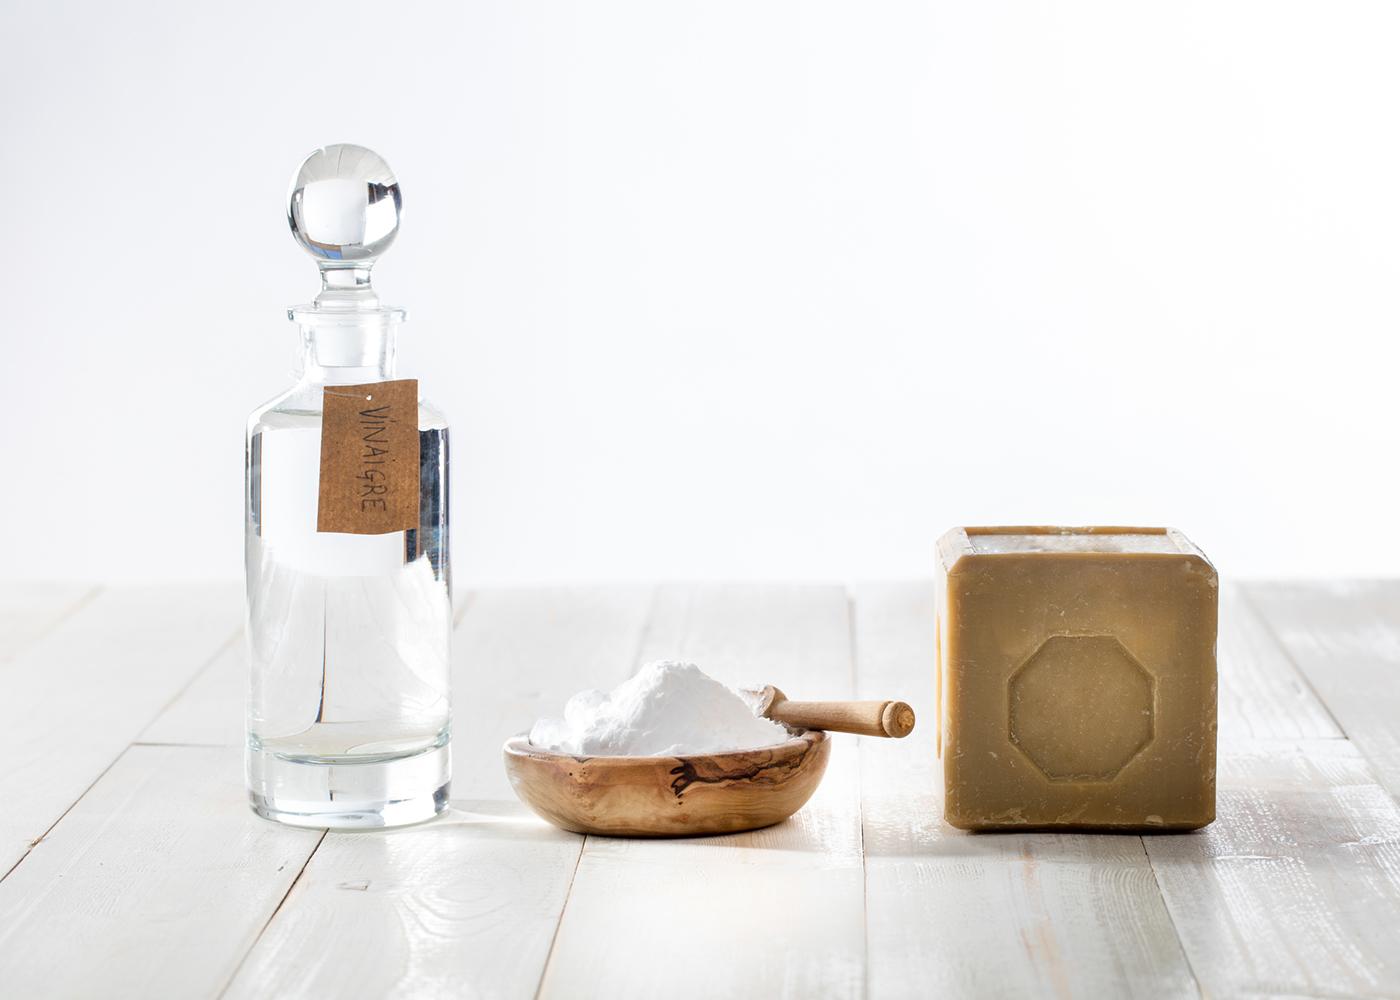 produtos ecológicos para limpar a casa